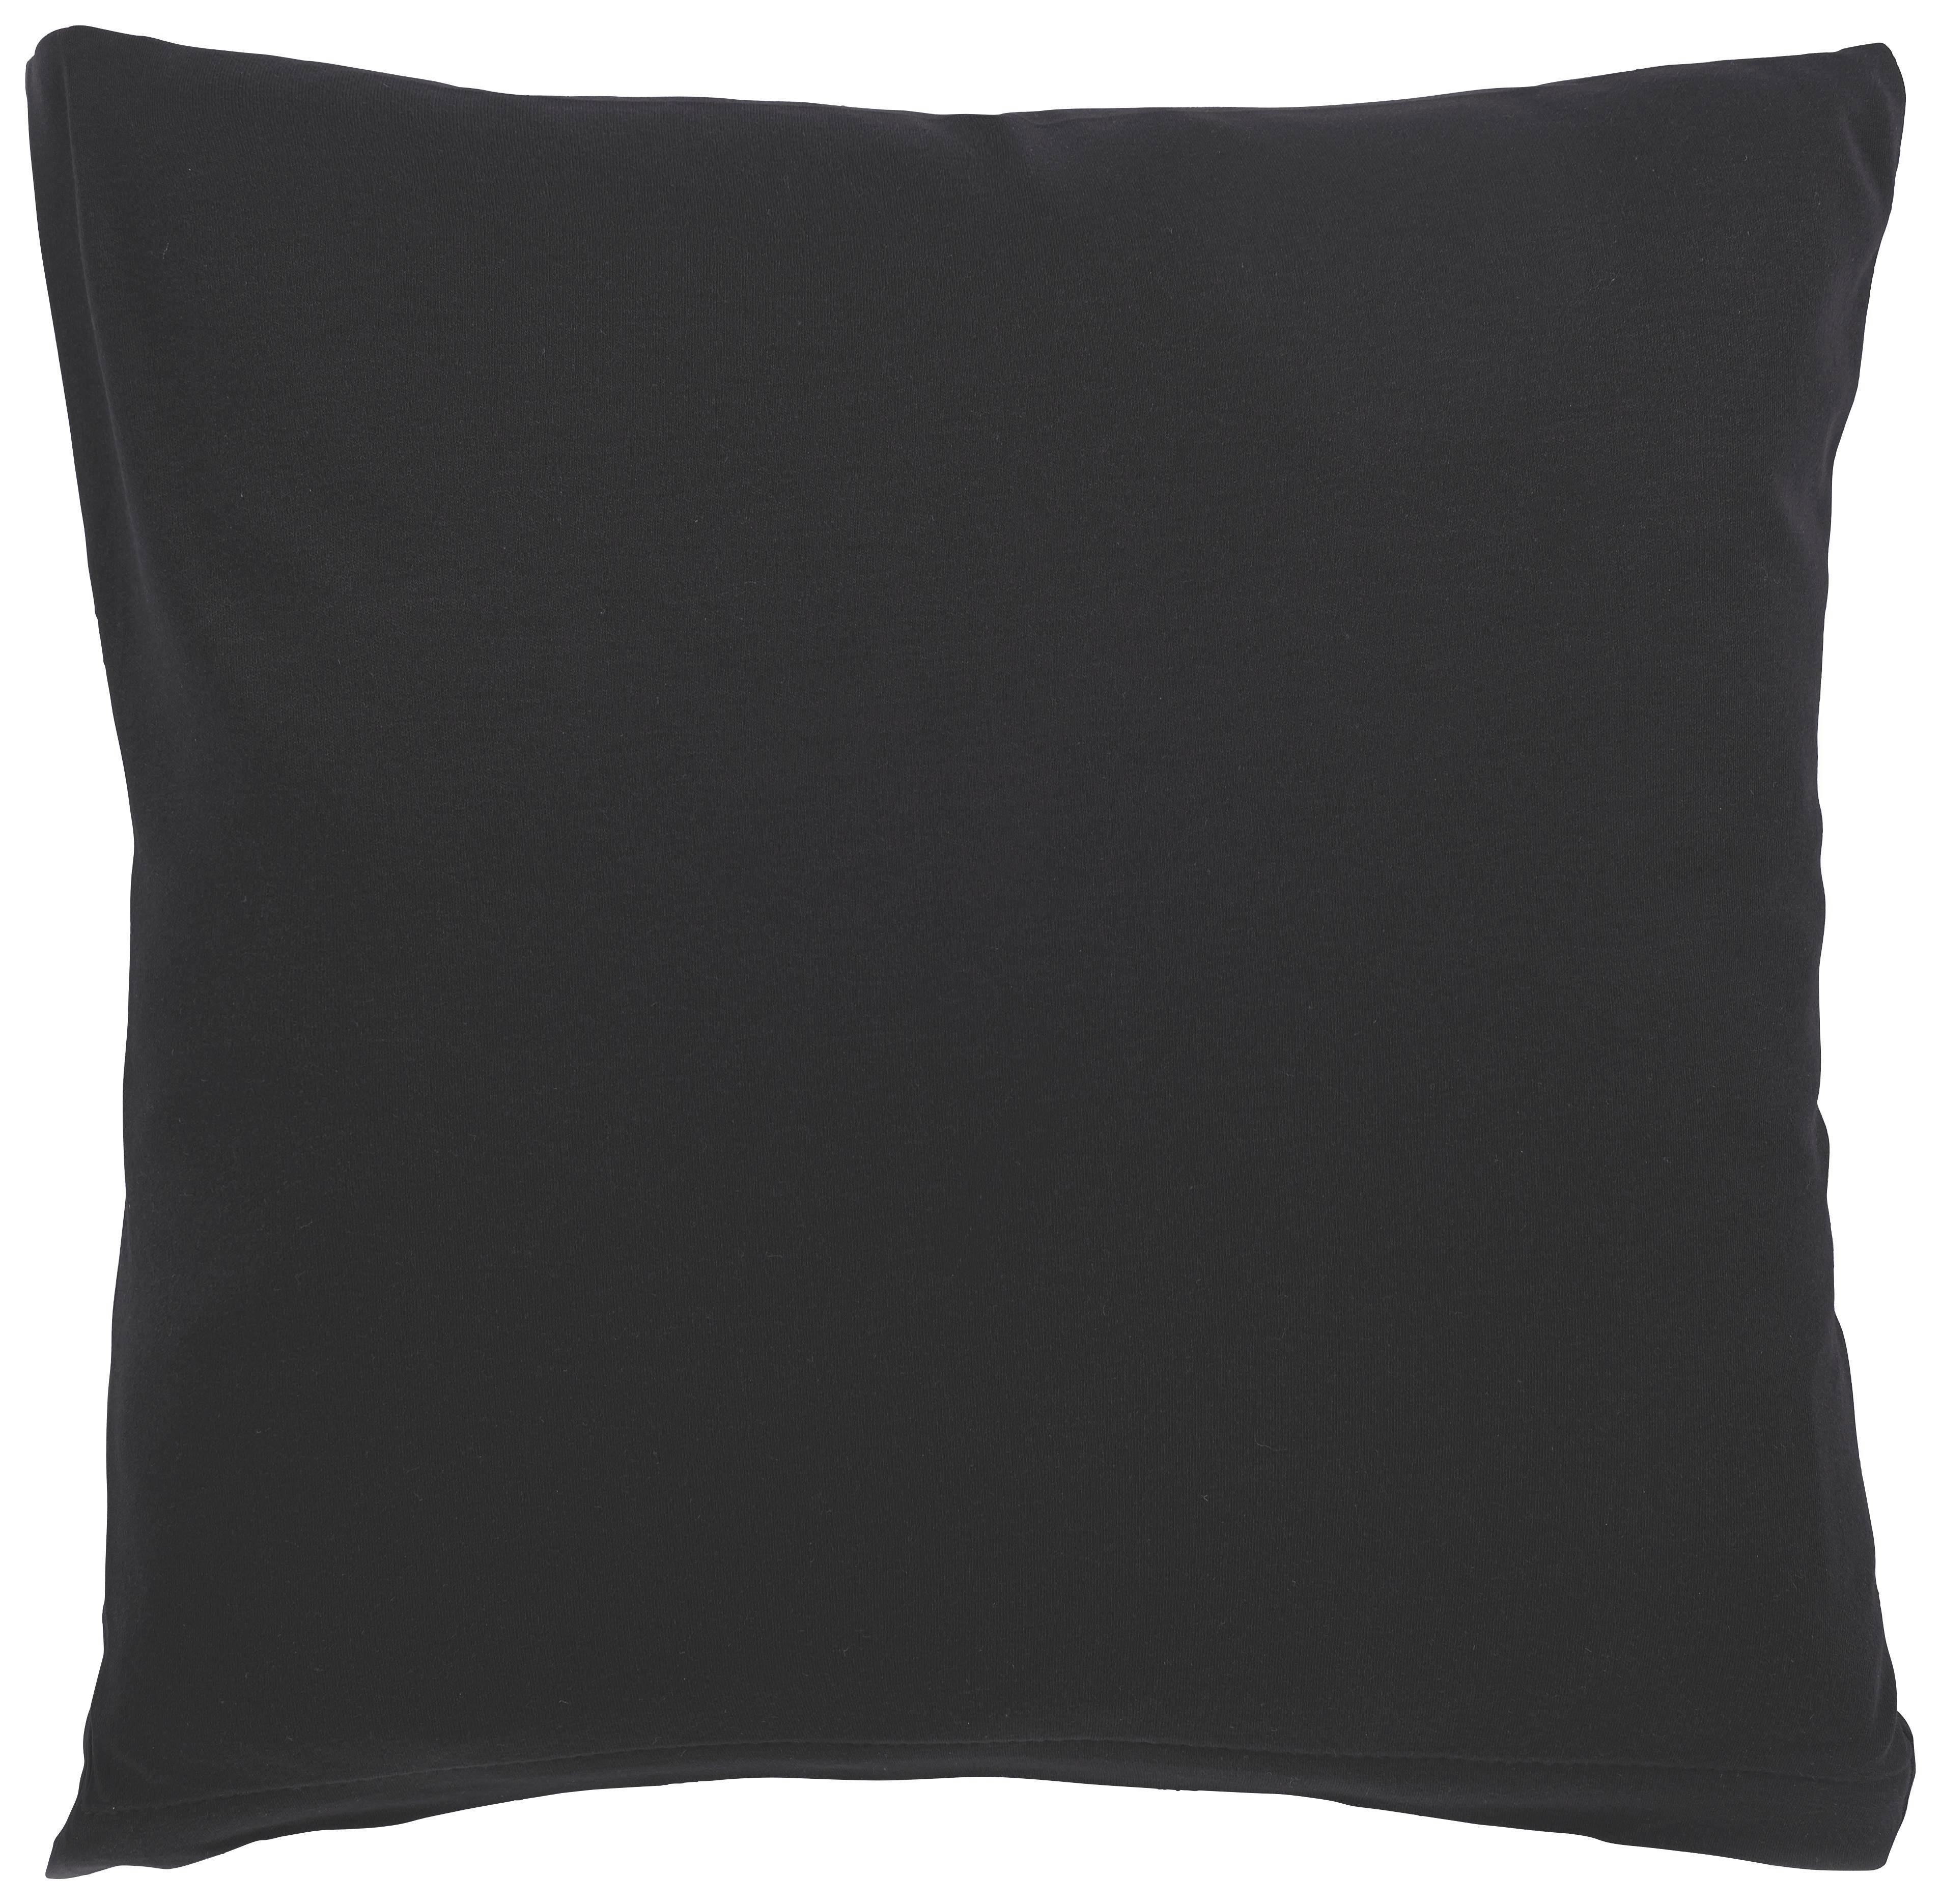 KISSENHÜLLE Schwarz 40/40 cm - Schwarz, Basics, Textil (40/40cm) - SCHLAFGUT